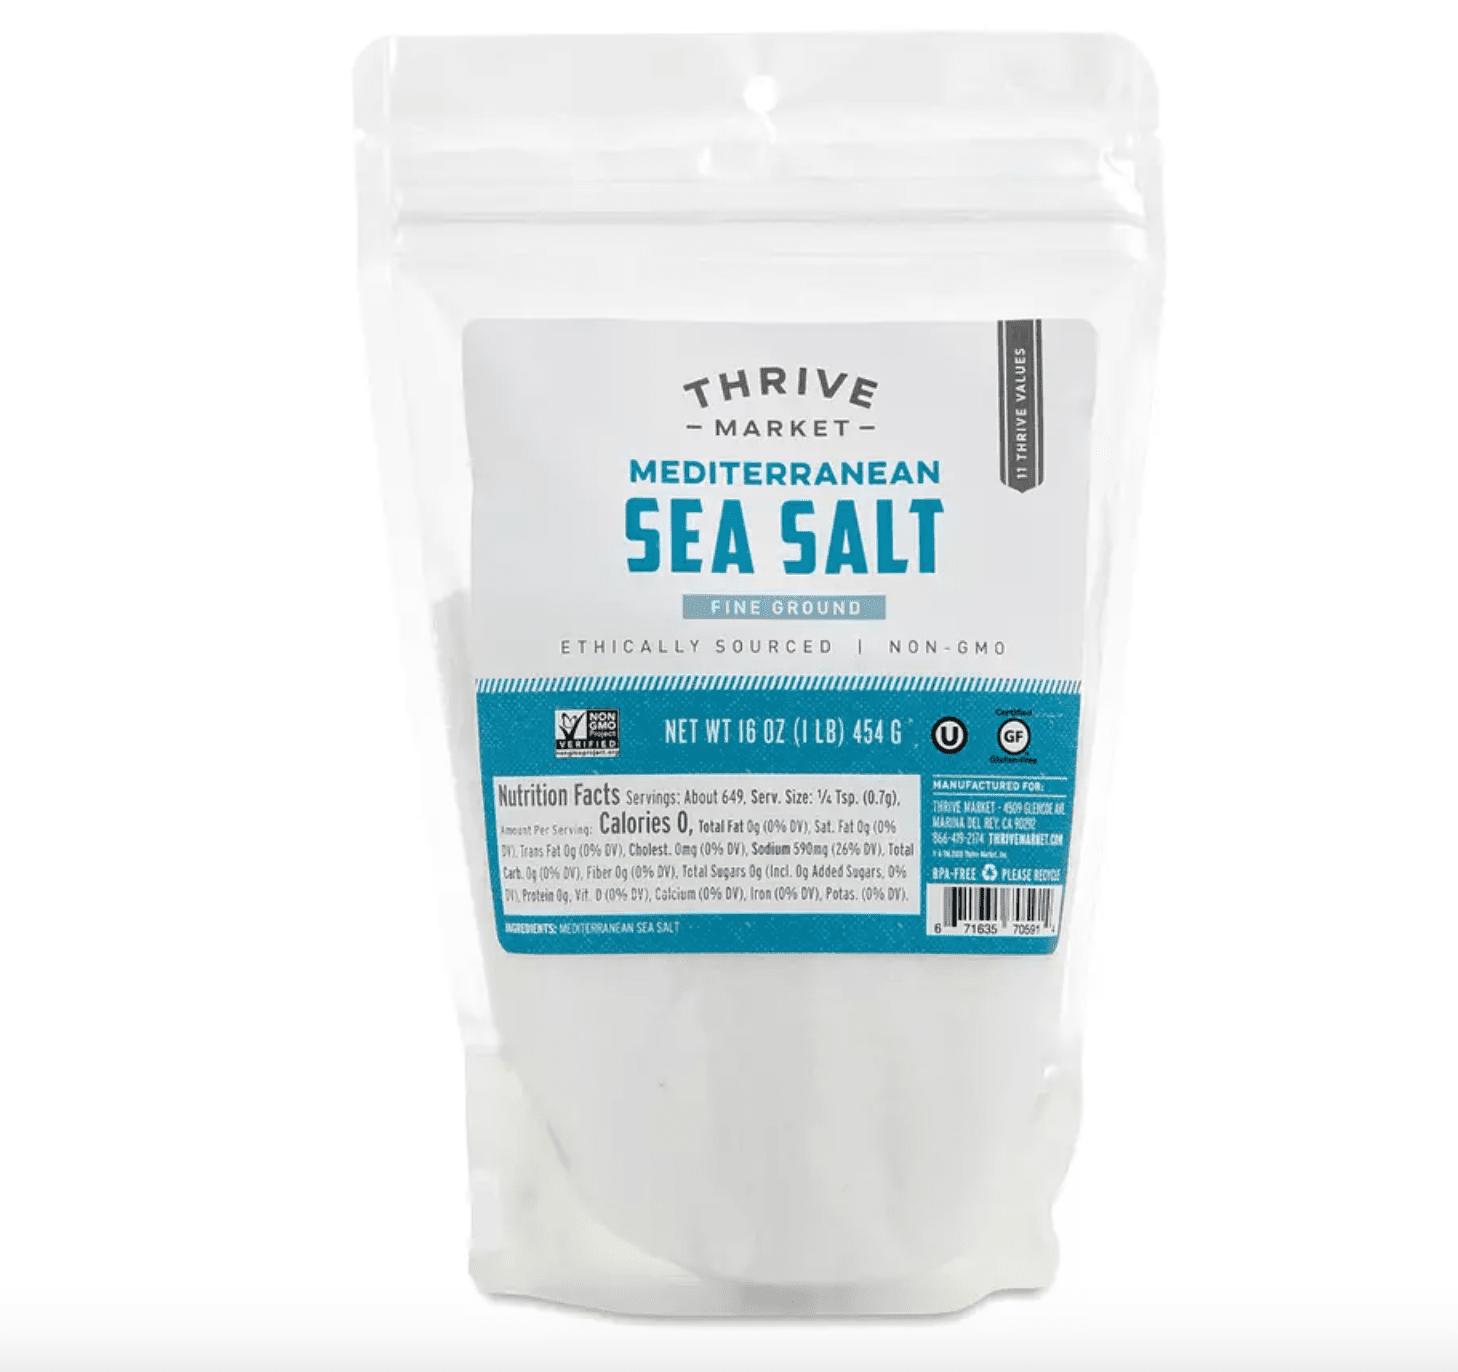 Thrive Market Sea Salt